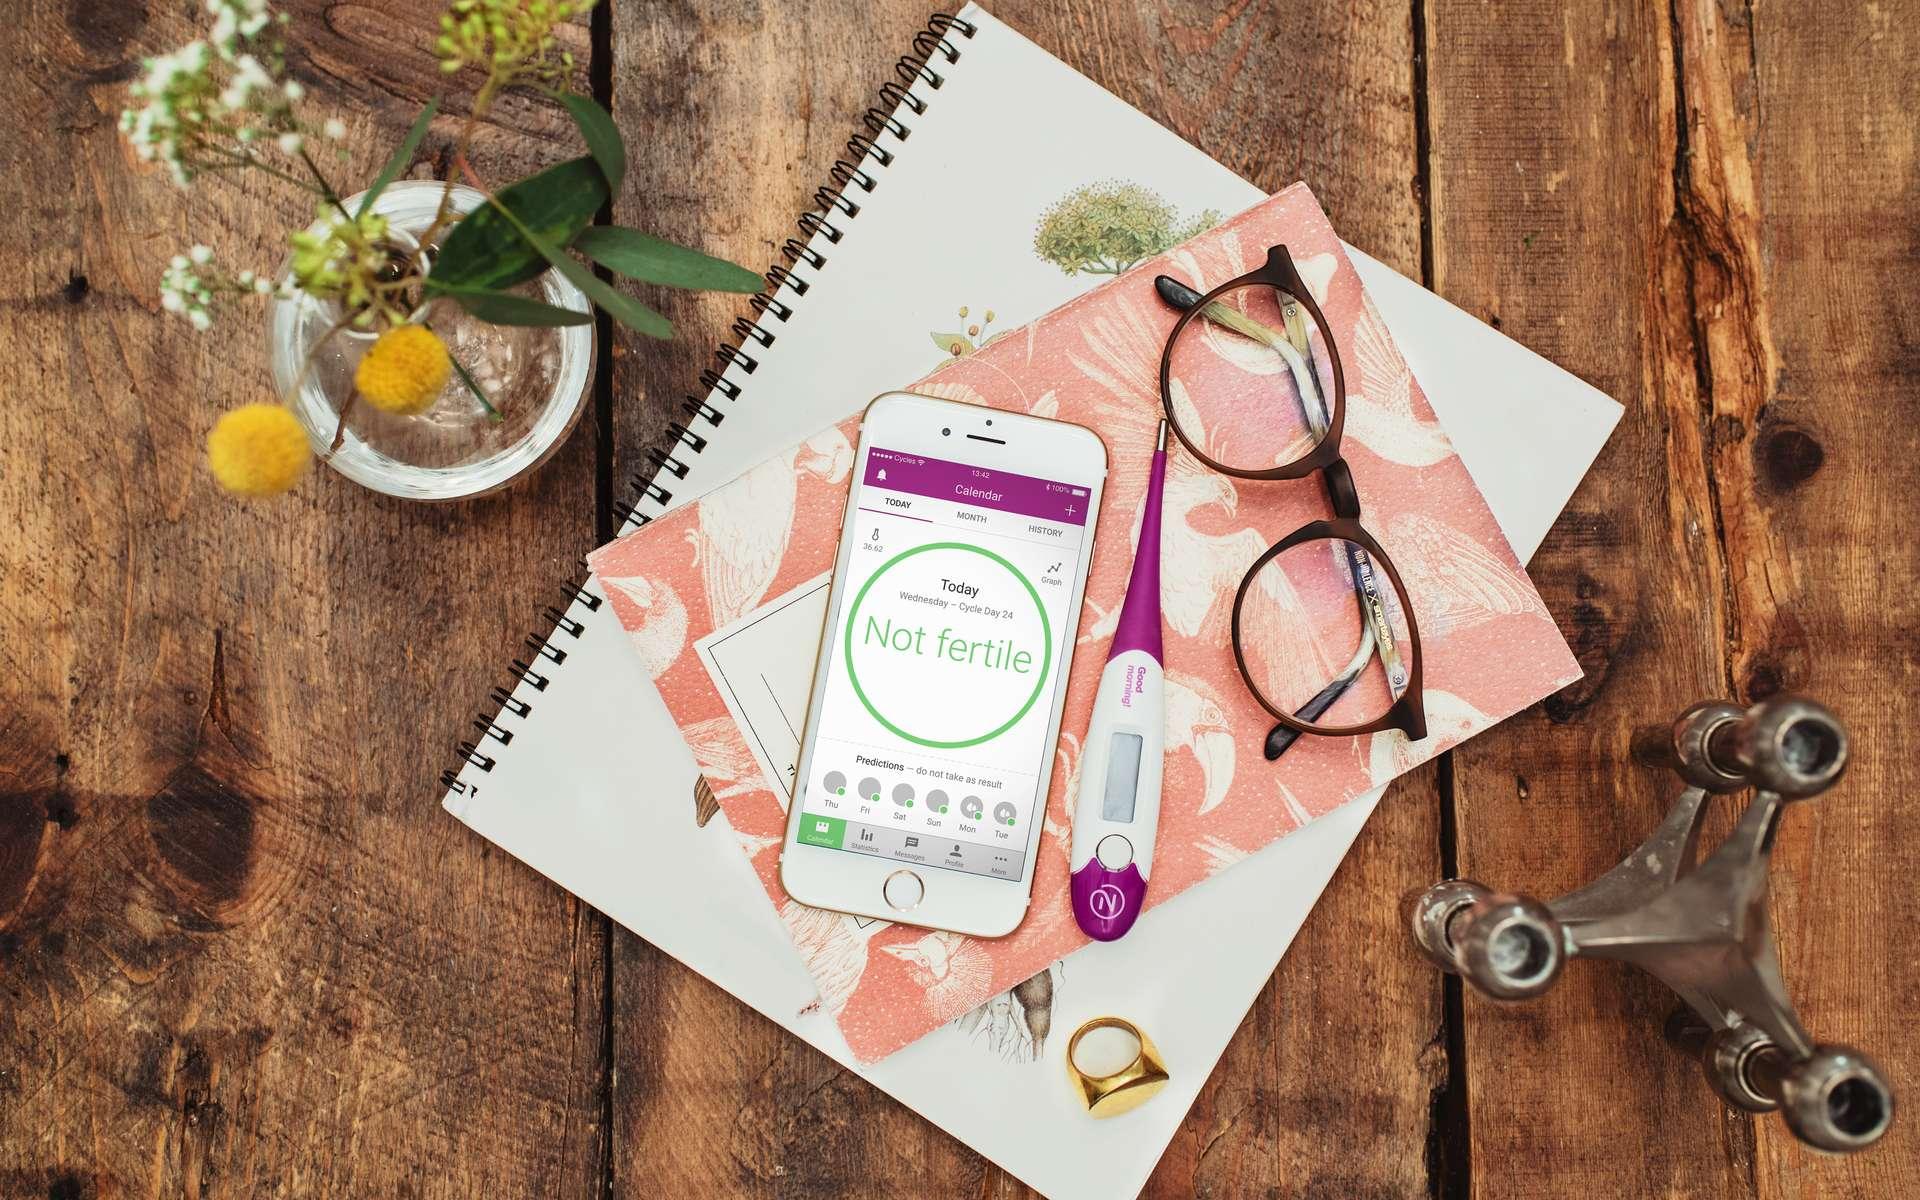 Une application mobile reconnue en tant que moyen de contraception aux États-Unis. Natural Cycles